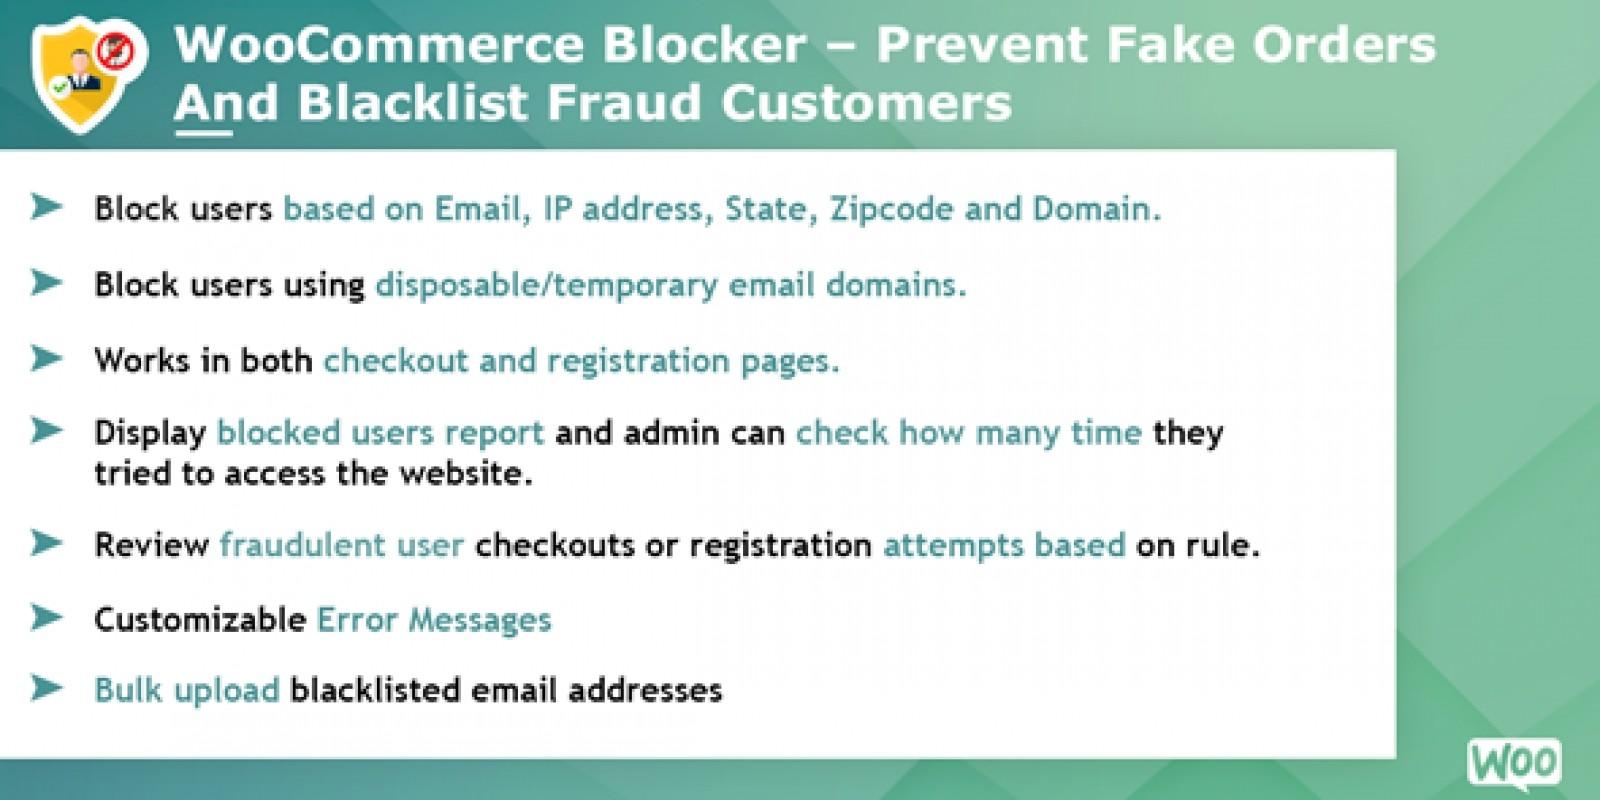 Woocommerce Blocker - Prevent fake orders